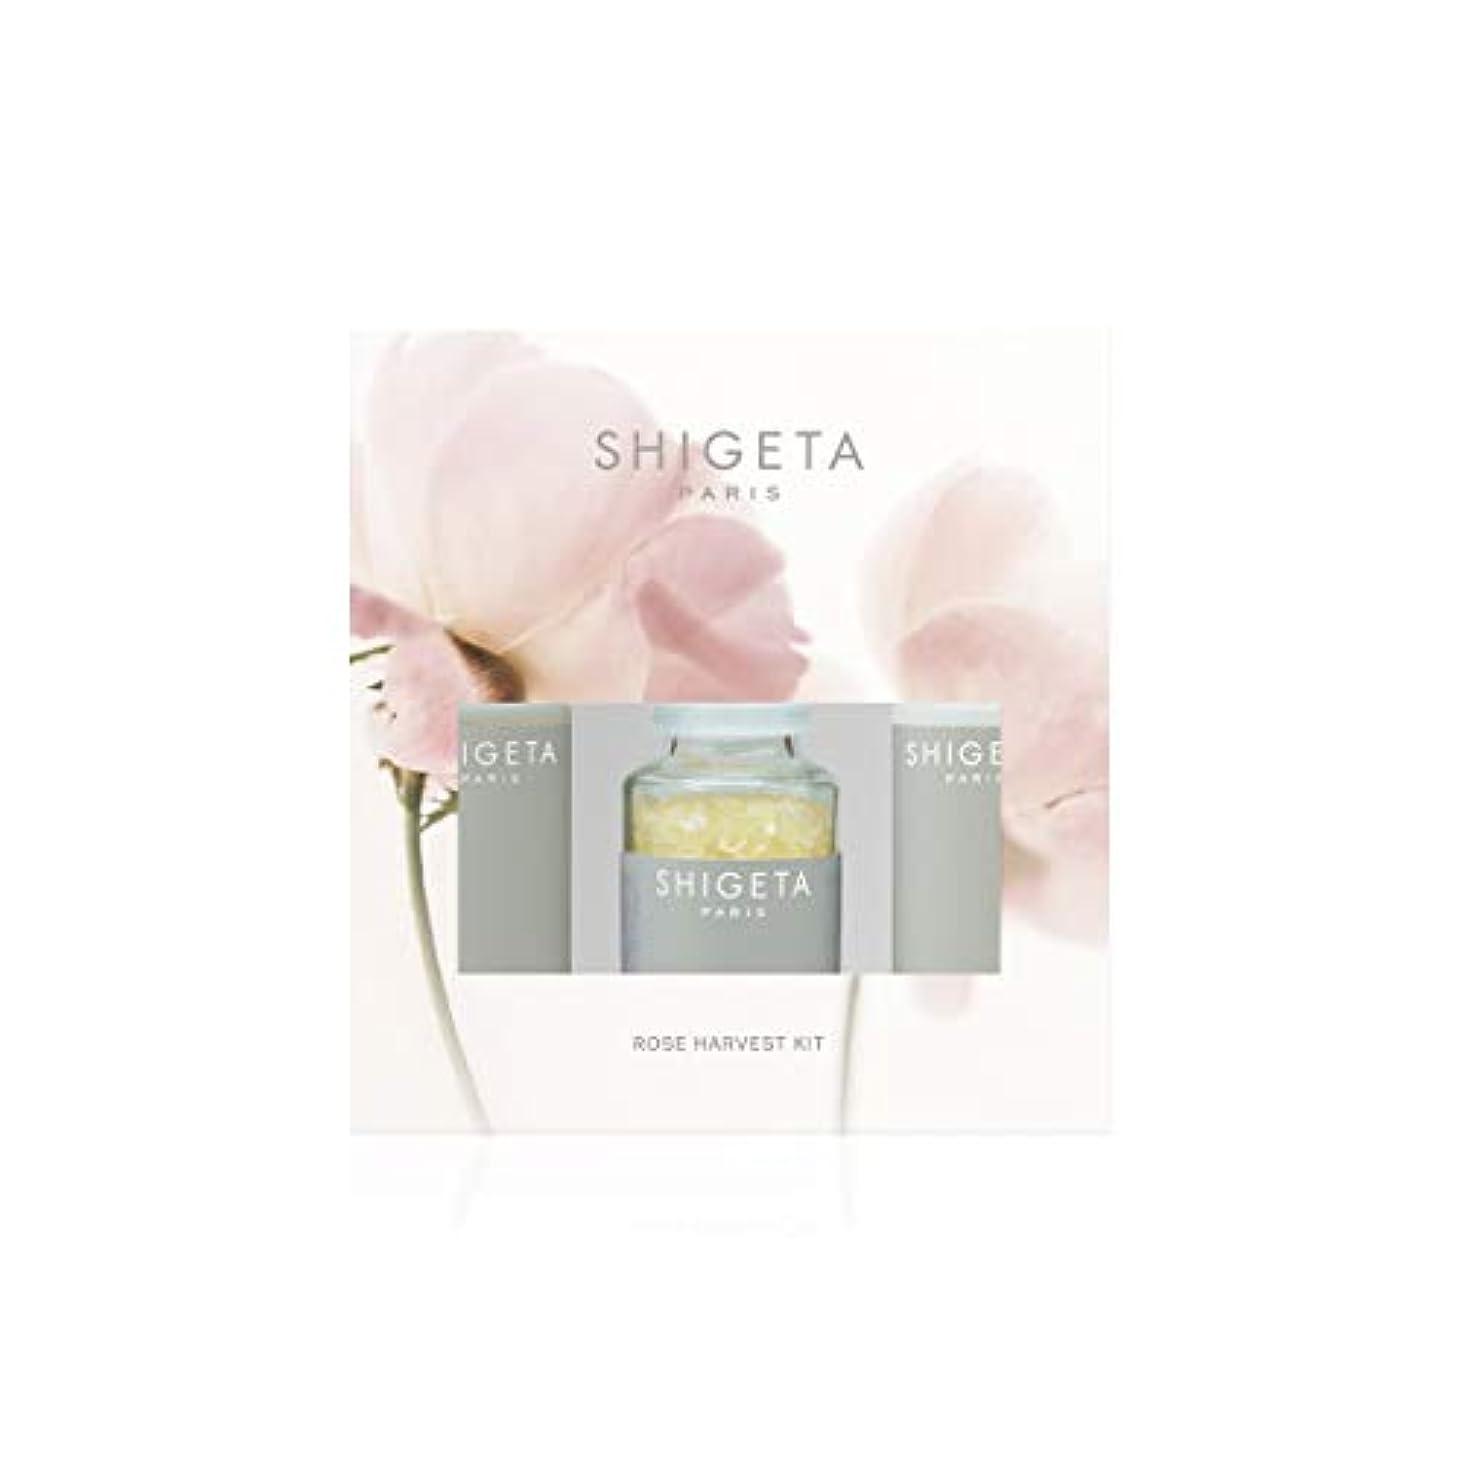 SHIGETA(シゲタ) Rose Harvest Kit